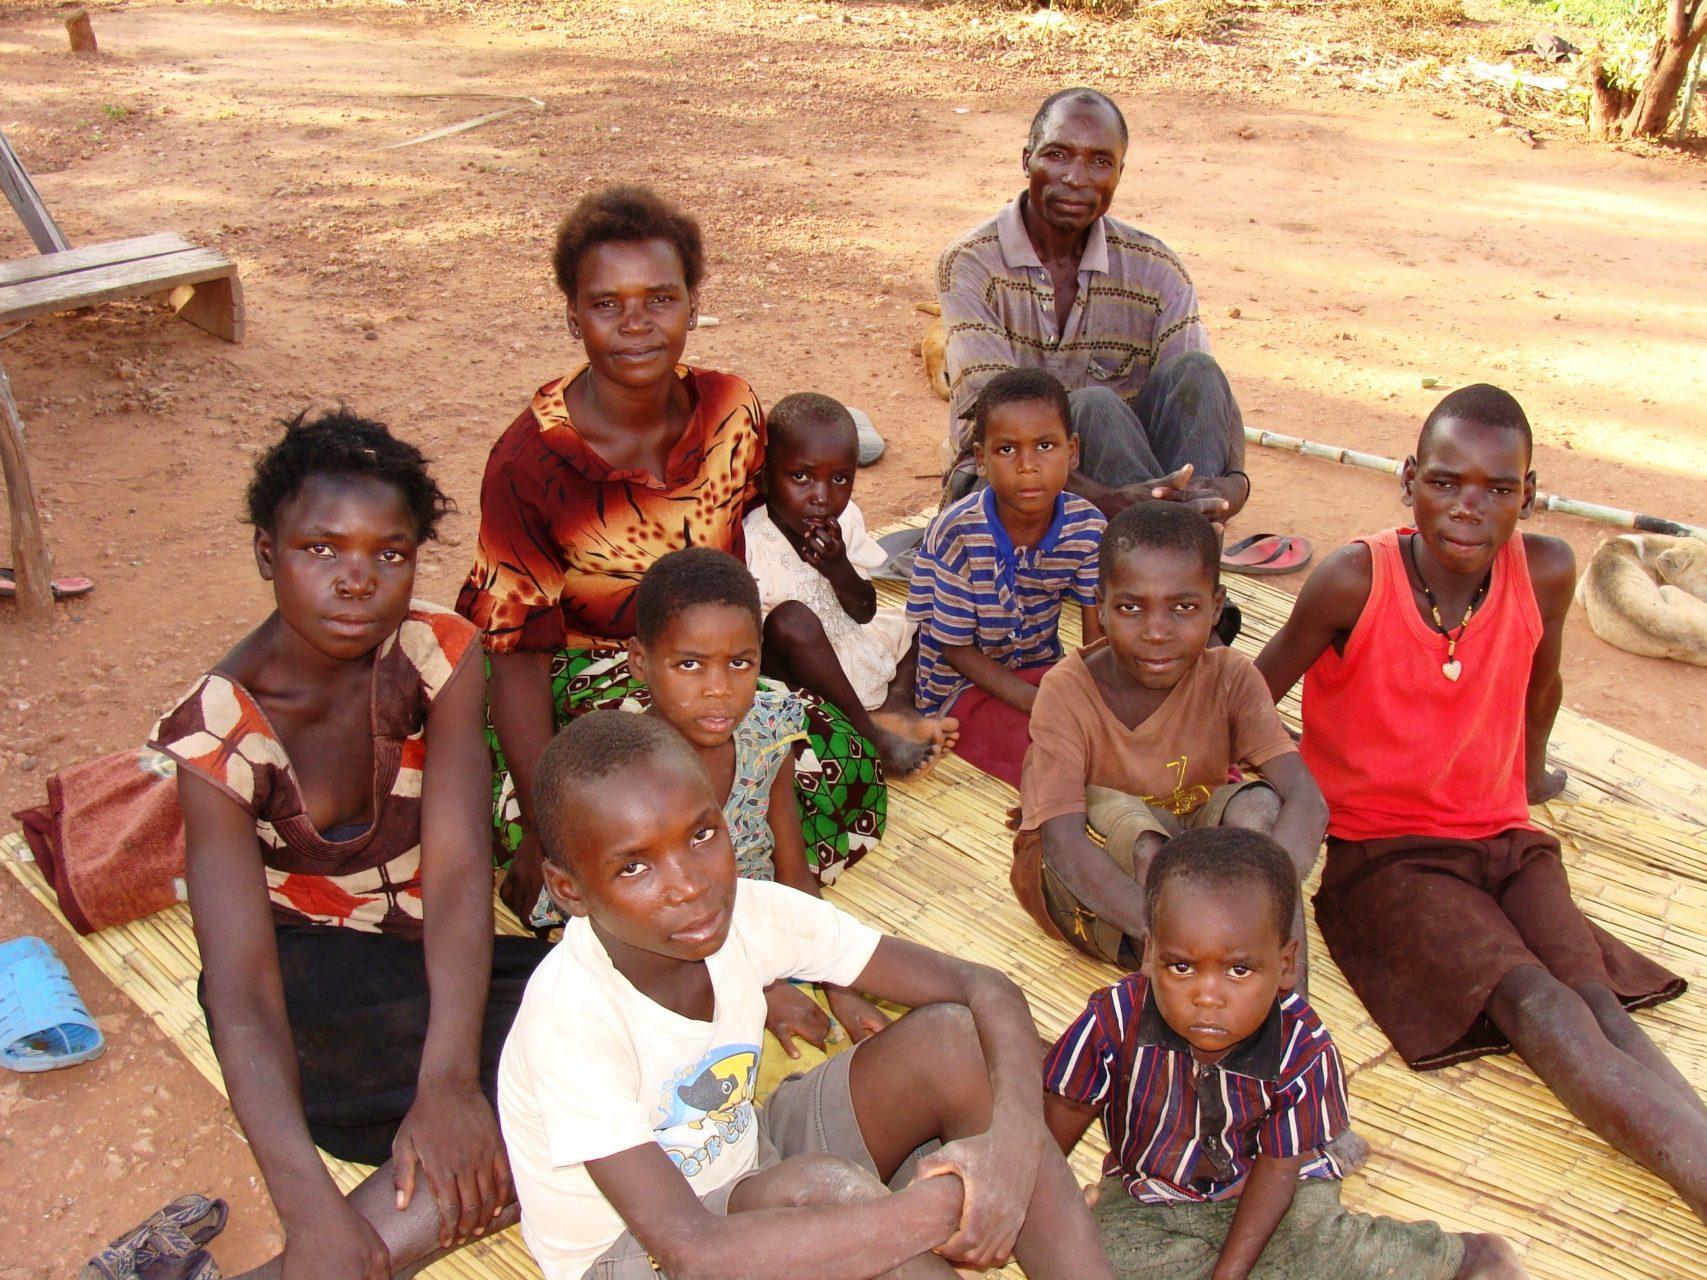 rodzina Zambia